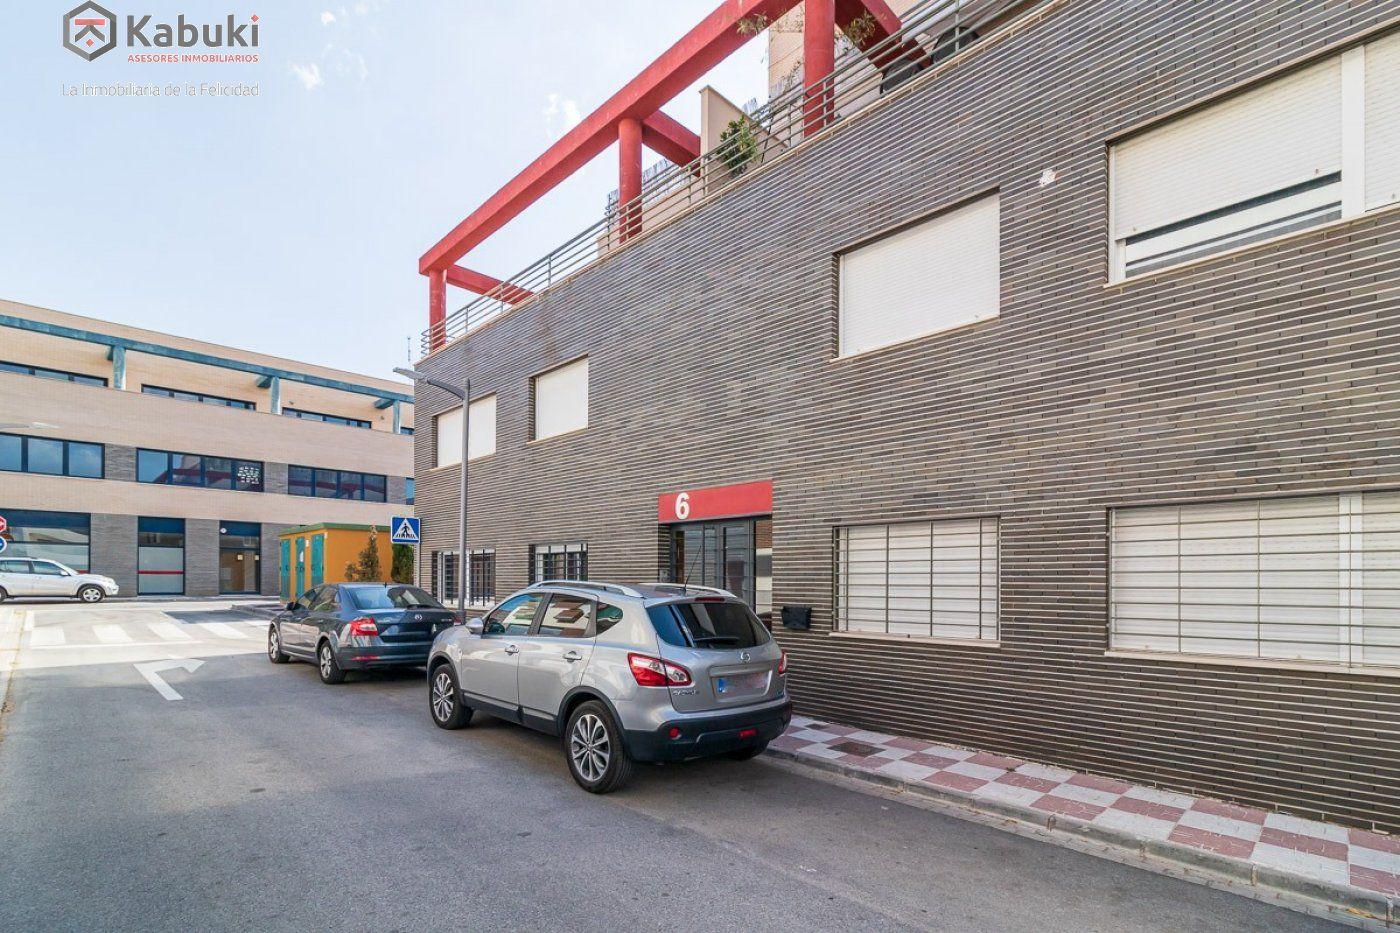 Coqueto piso de 2 dormitorios en un edificio del año 2008, con excelentes calidades y - imagenInmueble23